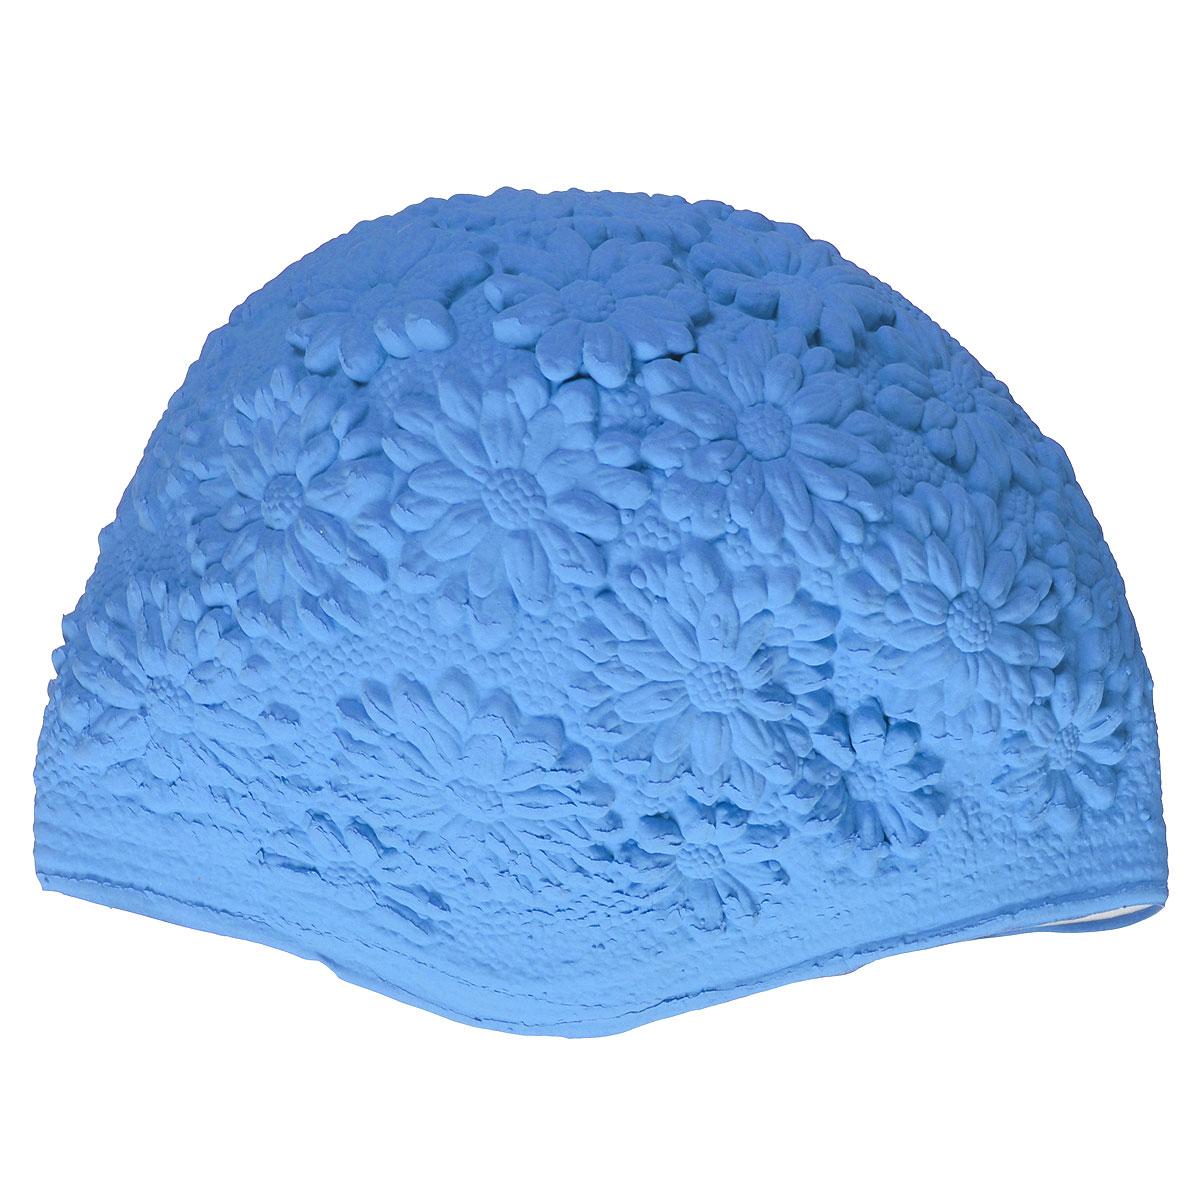 Шапочка для плавания MadWave Hawaii Chrysanthemum, женская, цвет: голубойM0517 02 0 09WЛатексная шапочка для плавания MadWave Hawaii Chrysanthemum декорирована цветочным рельефом. Имеет превосходную эластичность и высокий уровень комфорта. Высококачественный материал обеспечивает долгий срок службы. Пузырьковая поверхность уменьшает площадь соприкосновения с волосами. Обхват головы: 53 см.